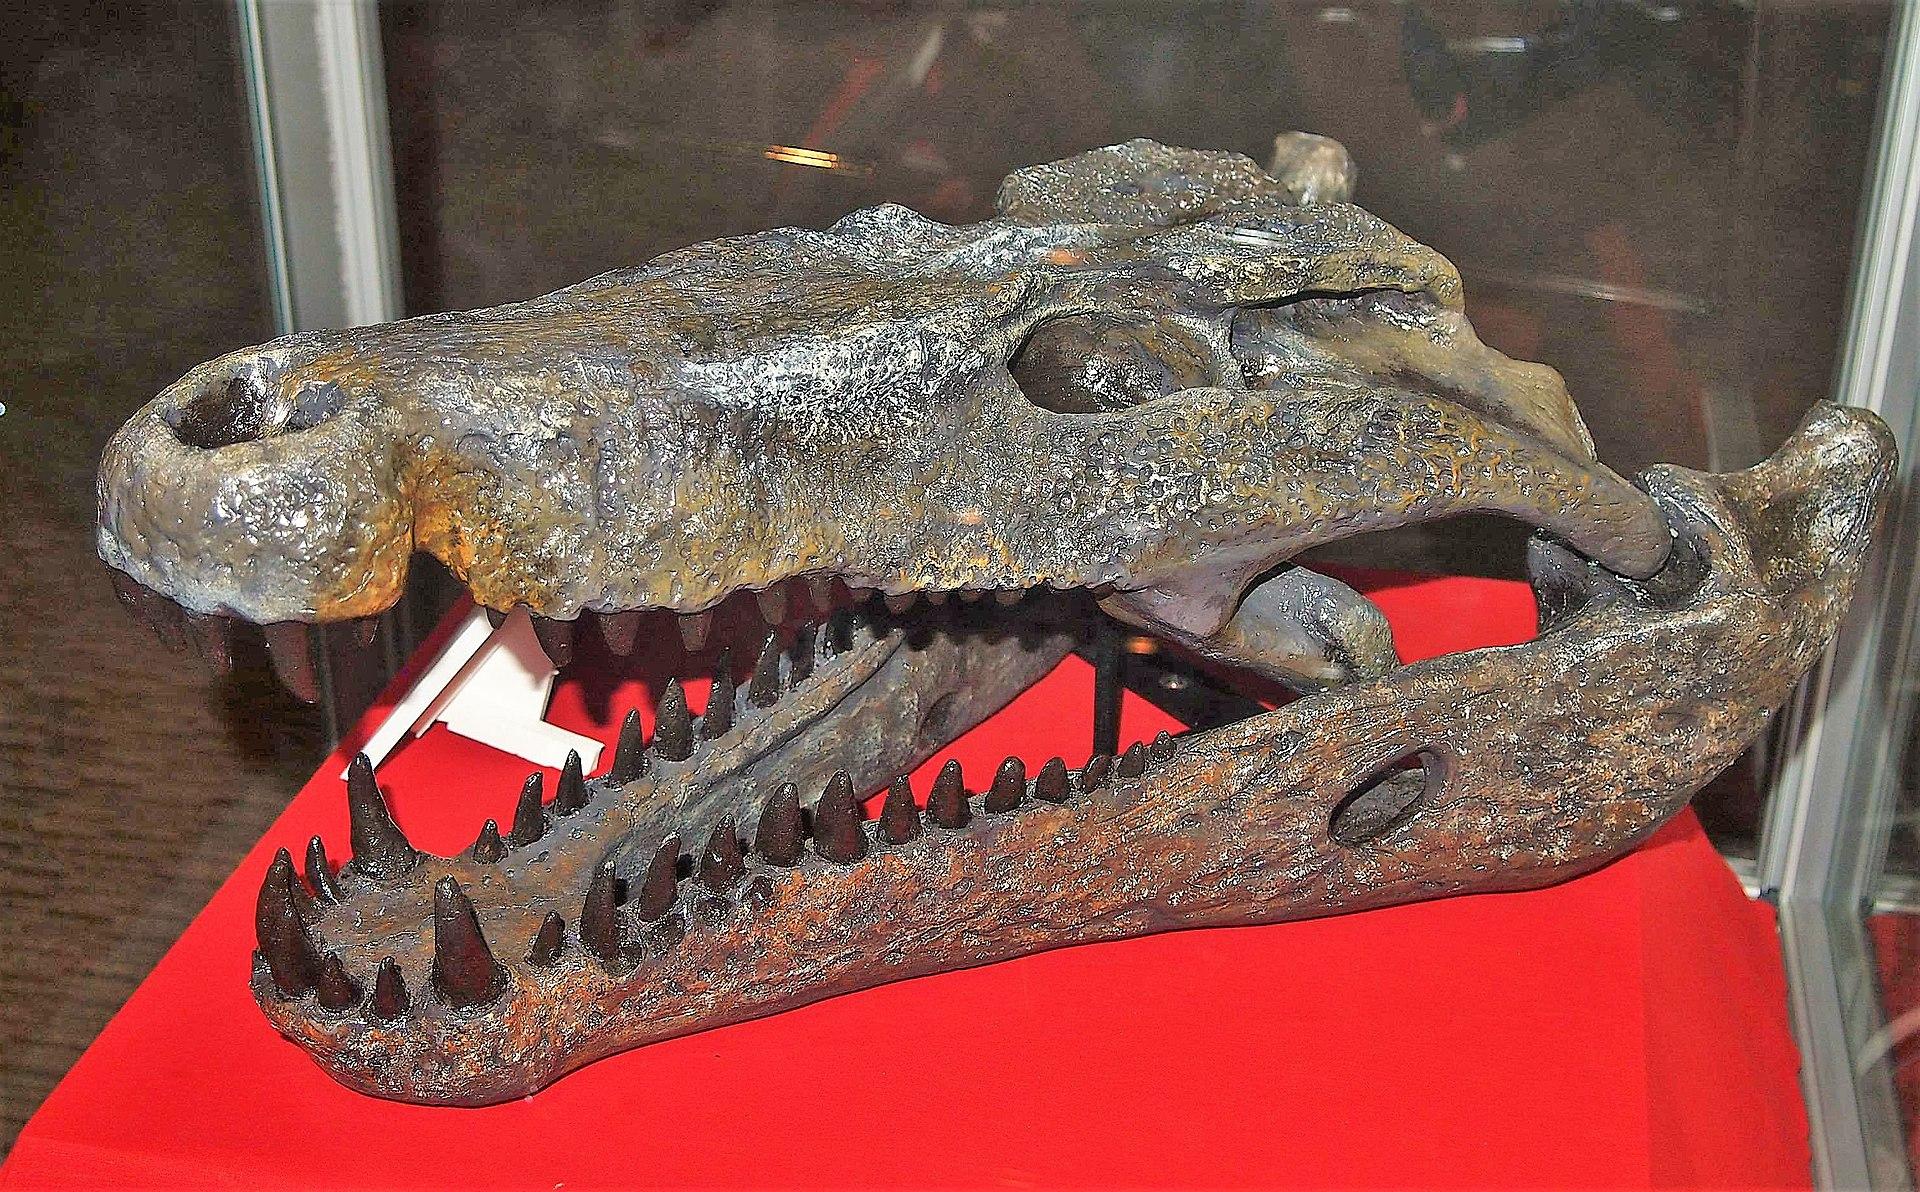 https://upload.wikimedia.org/wikipedia/commons/thumb/3/30/Quinkana_timara_skull.jpg/1920px-Quinkana_timara_skull.jpg